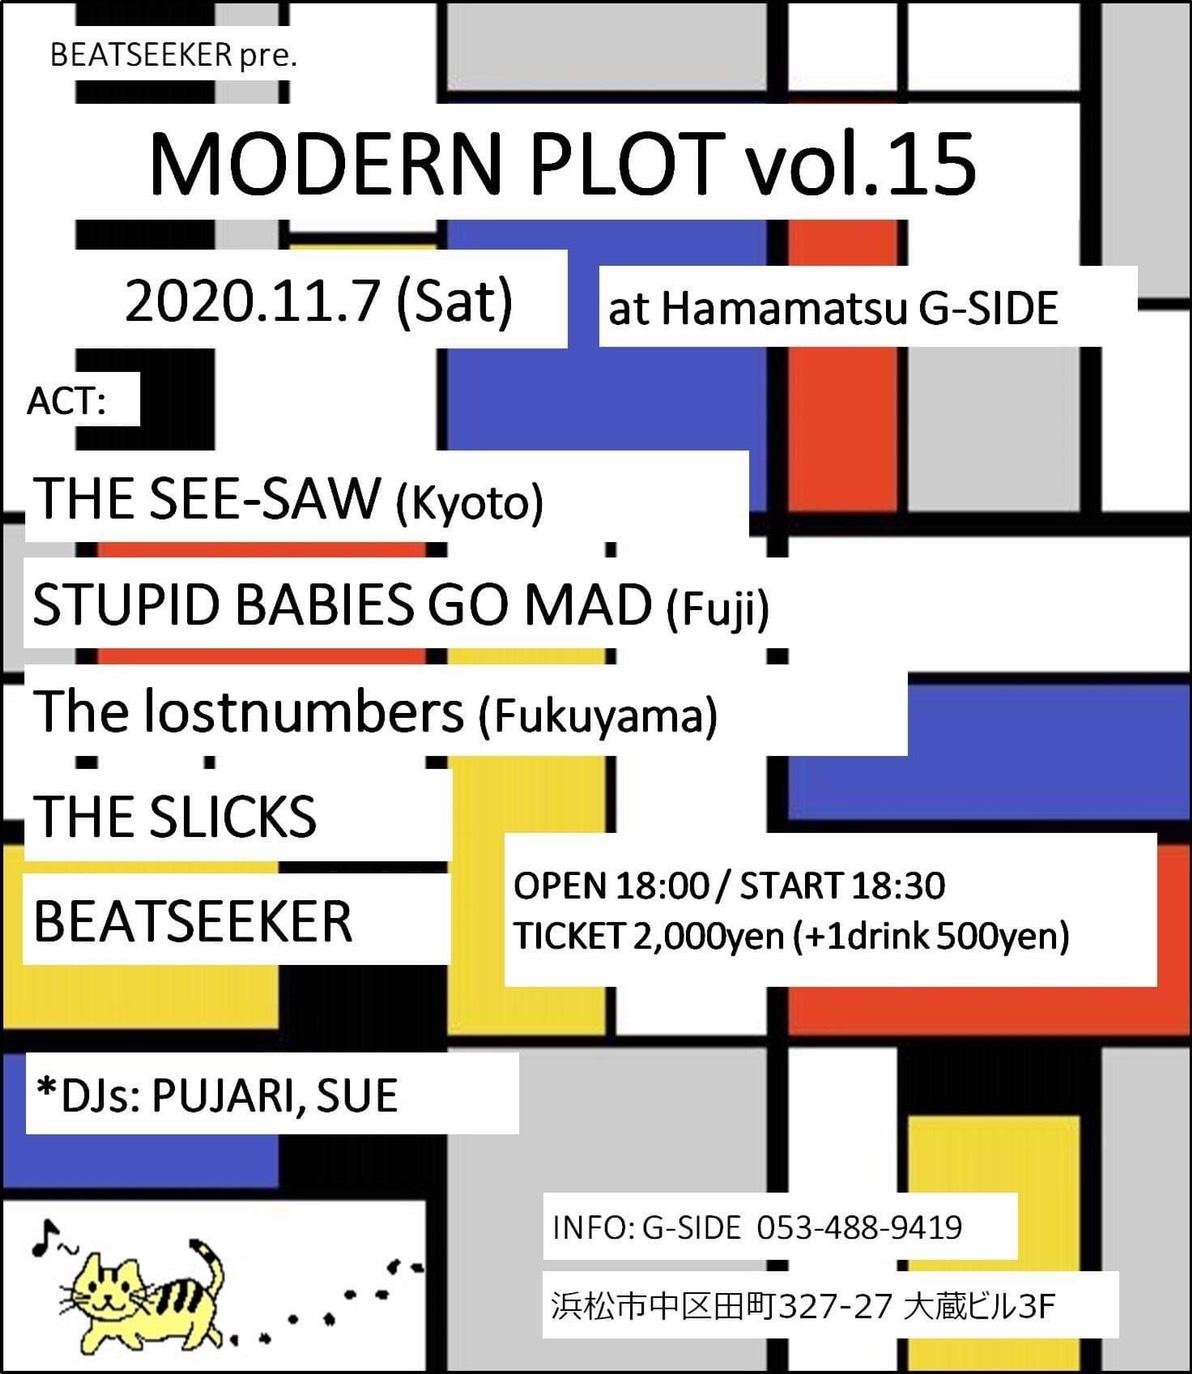 11月7日土曜日 MODERN PLOT vol.15